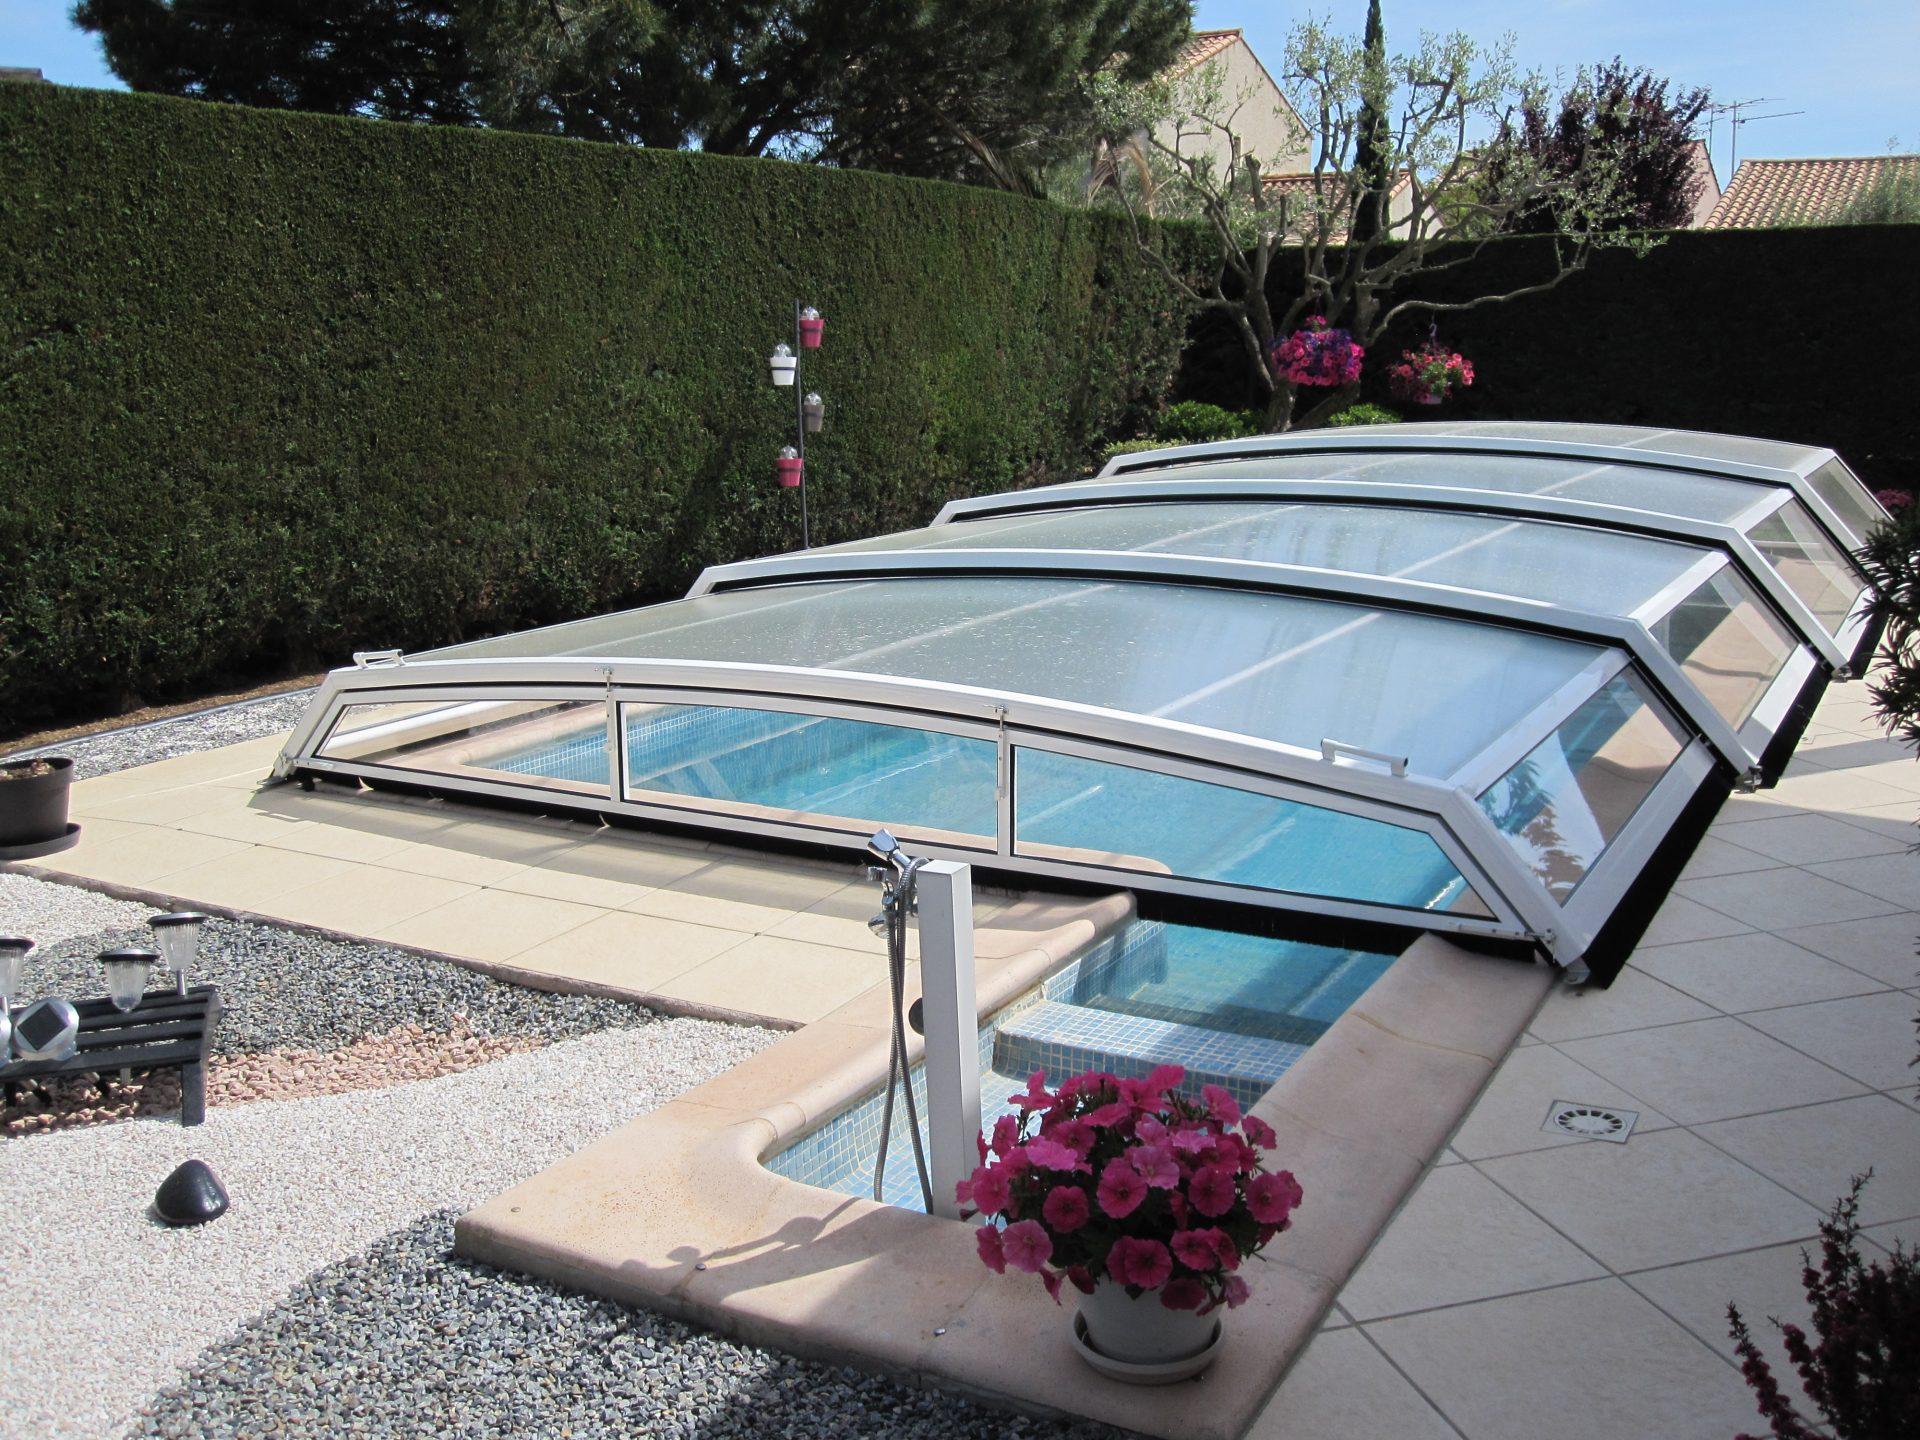 Fabricant D'abri Piscine Montpellier (Hérault) | Bel Abri pour Reparation Abri Piscine